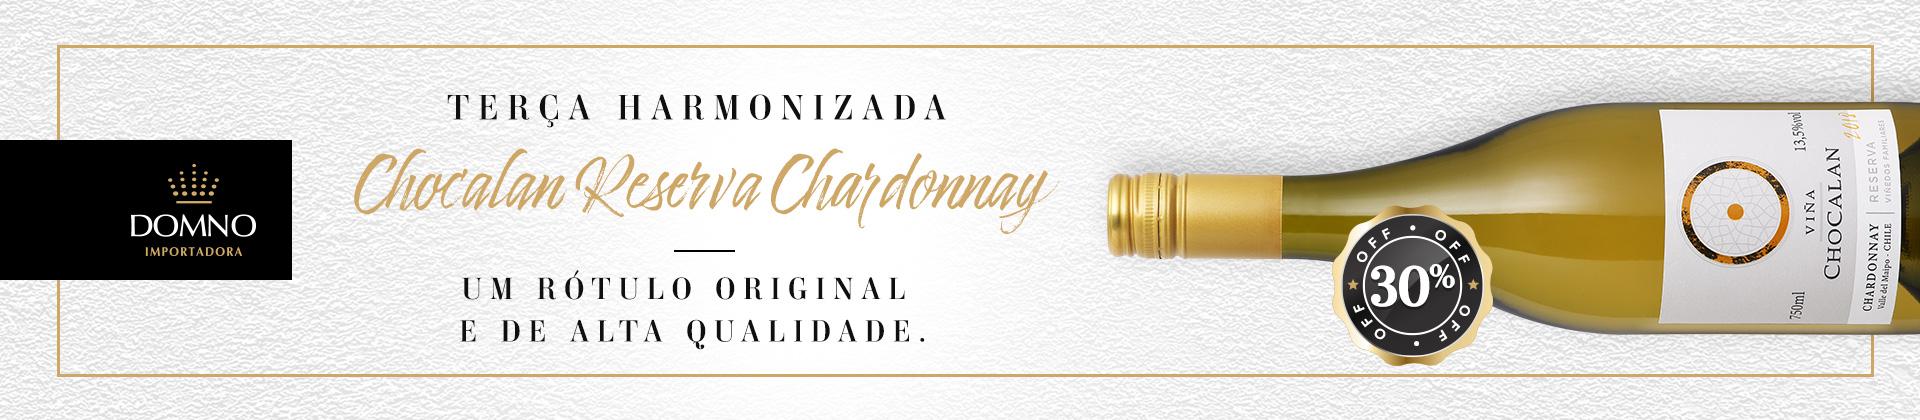 Terça Harmonizada Chocalan Chardonnay (1920x420)